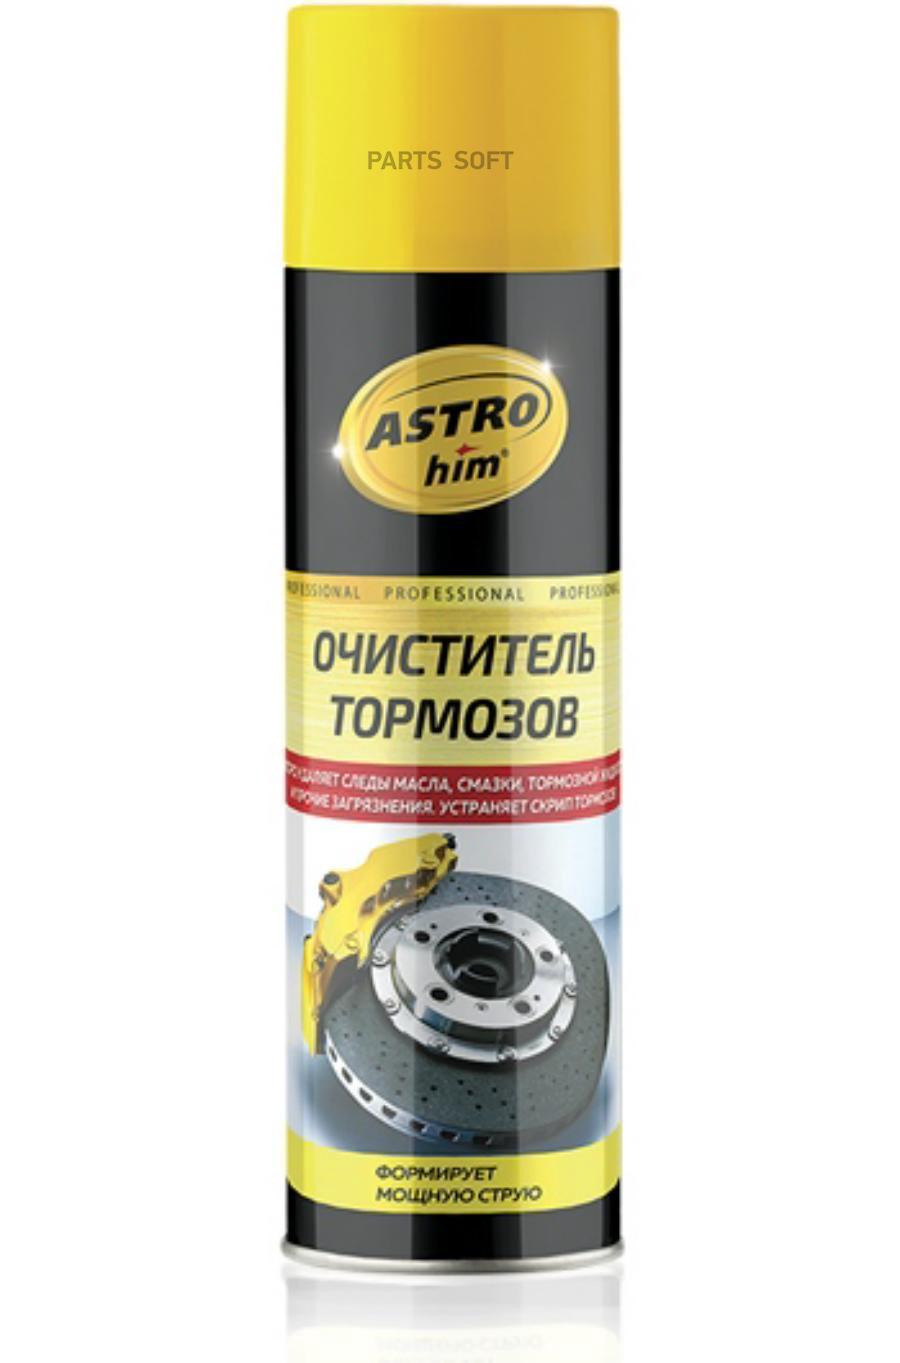 Астрохим Очиститель тормозов и деталей сцепления, антискрип, аэрозоль, 650 мл, ASTROHIM, AC4306